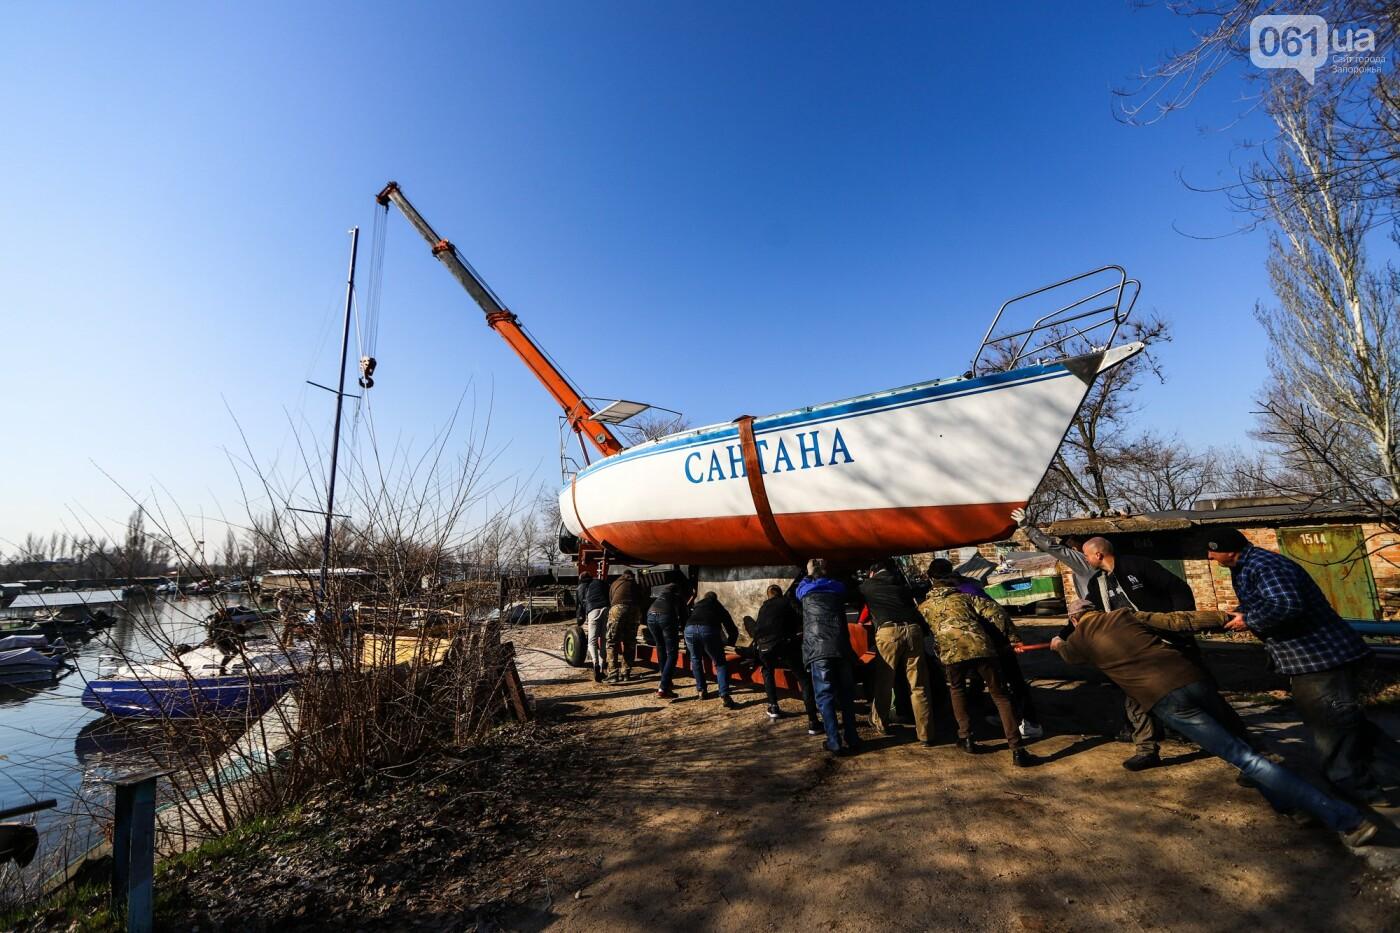 «Семь футов под килем!»: как в запорожском яхт-клубе спускали судна на воду, - ФОТОРЕПОРТАЖ , фото-15